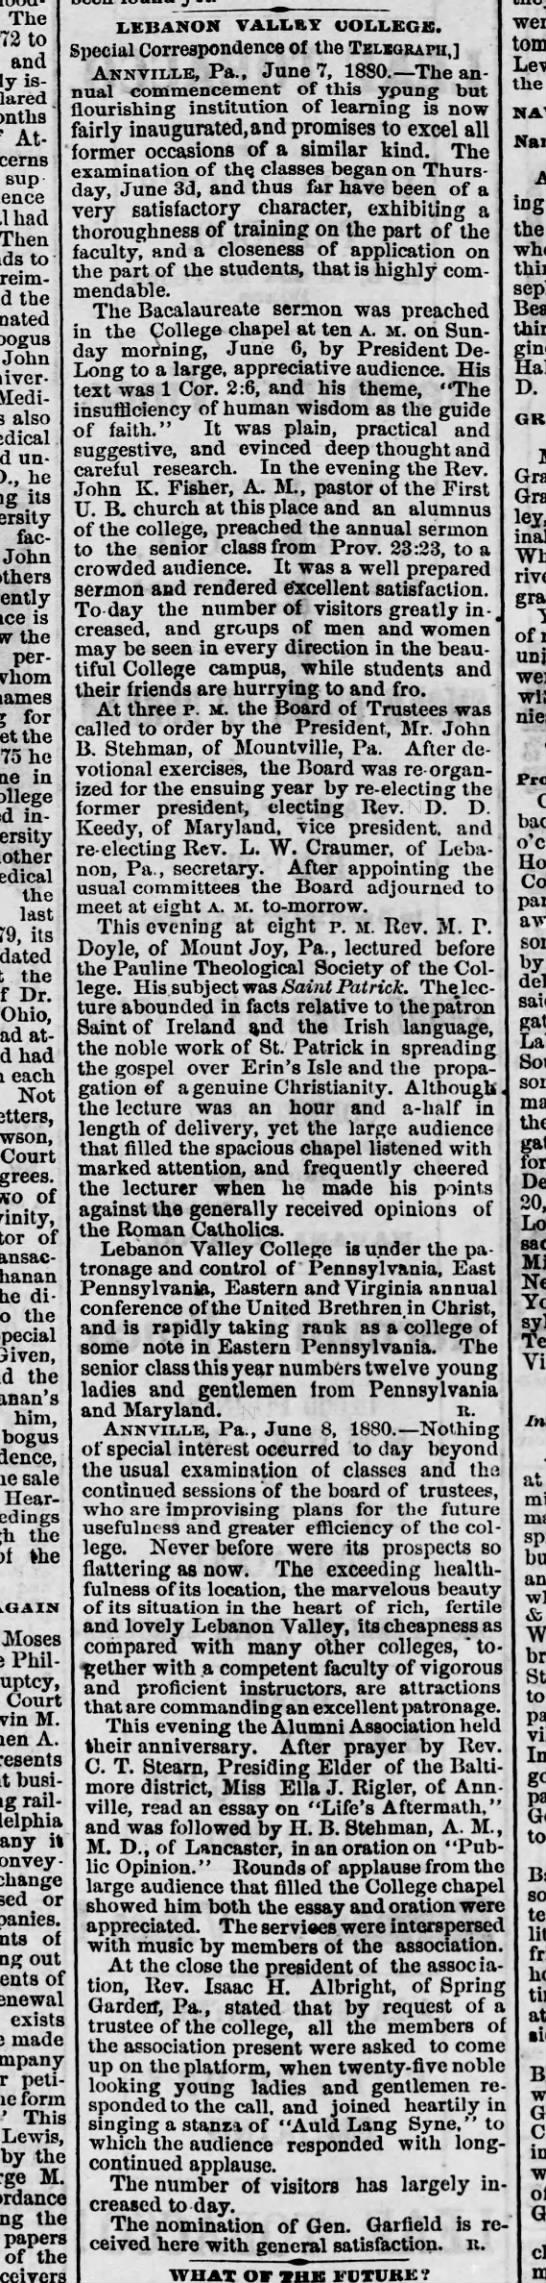 1880 June 10 LVC Commencement/Baccalaureate -